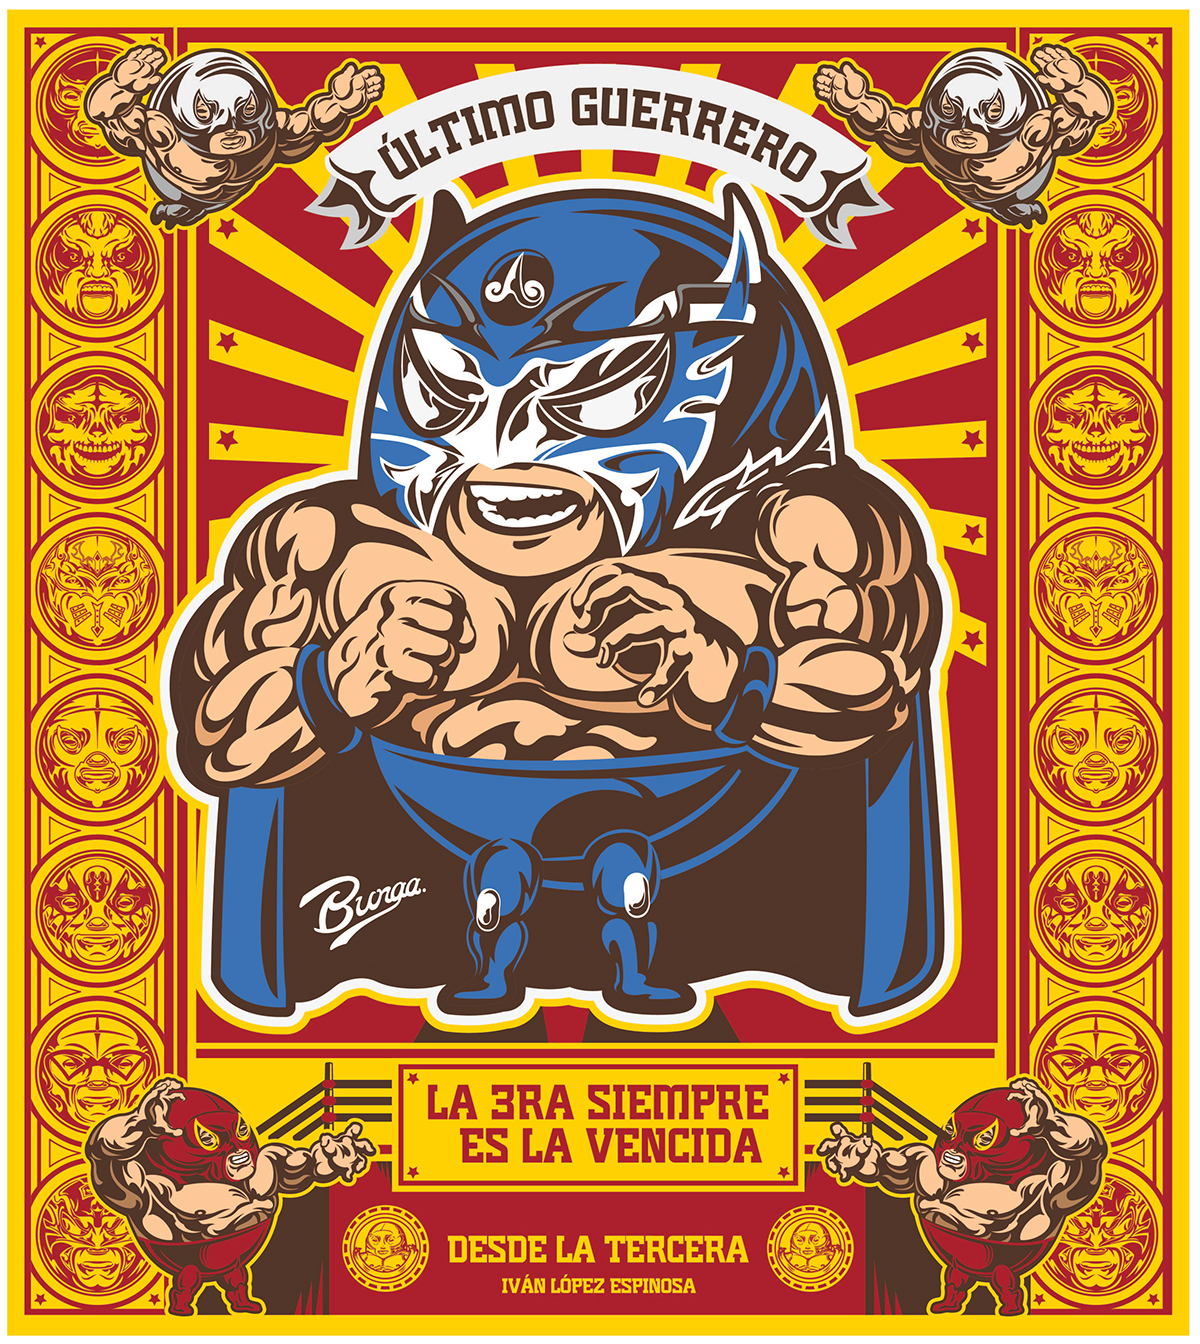 Serie Lucha Libre Mexicana (carteles) on Behance